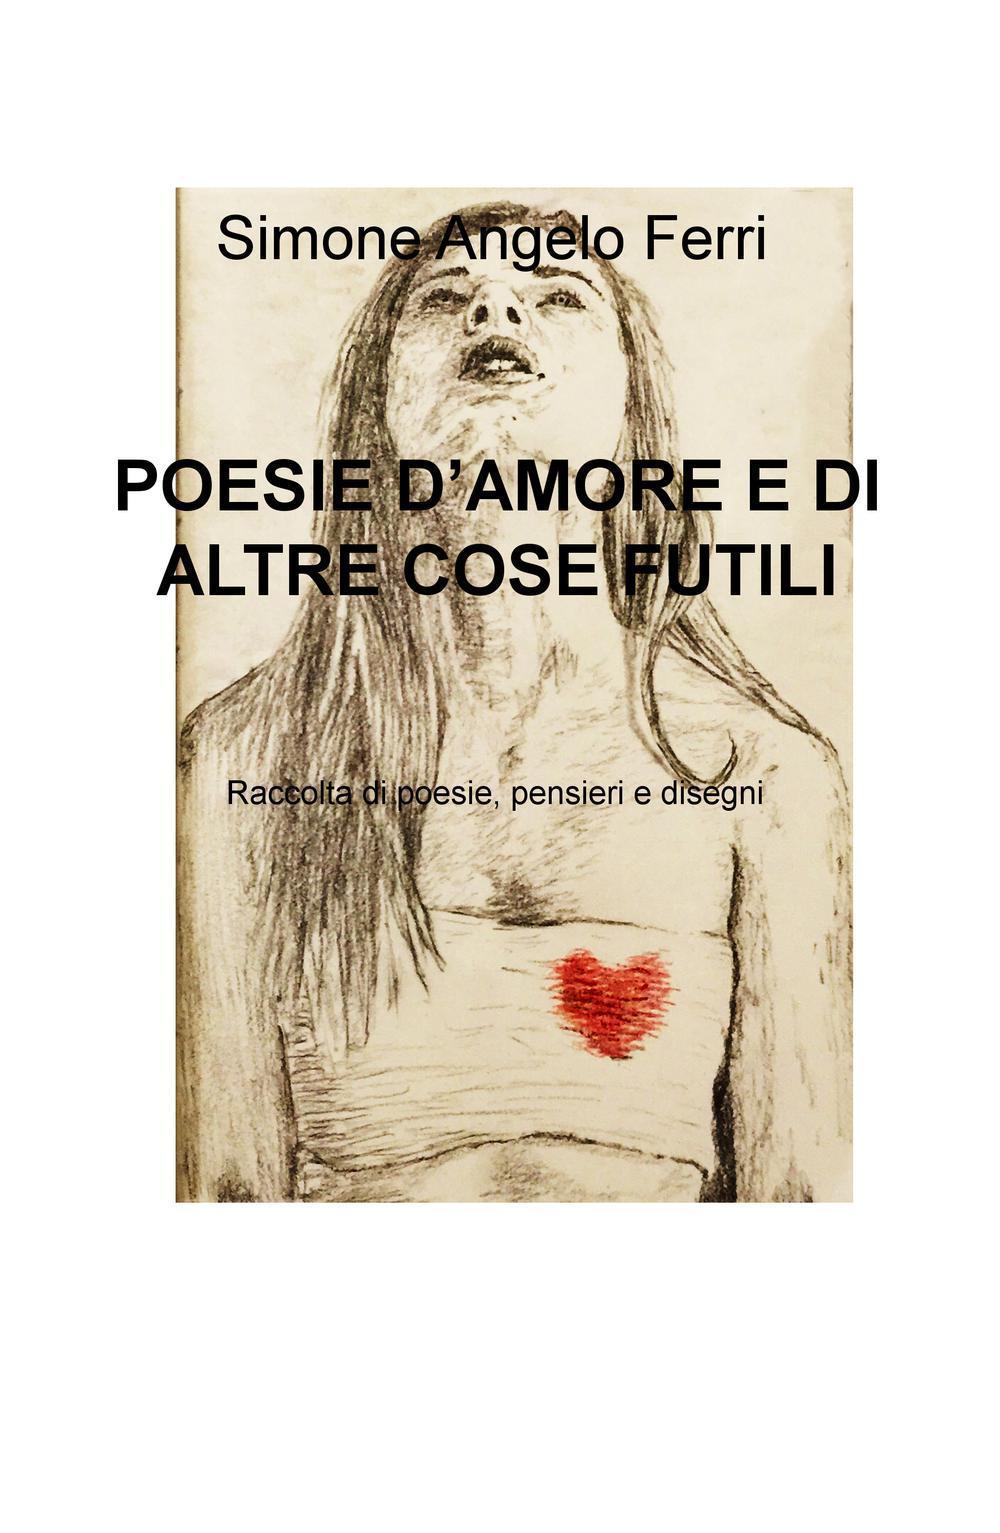 Image of Poesie d'amore e di altre cose futili. Raccolta di poesie, pensieri e disegni